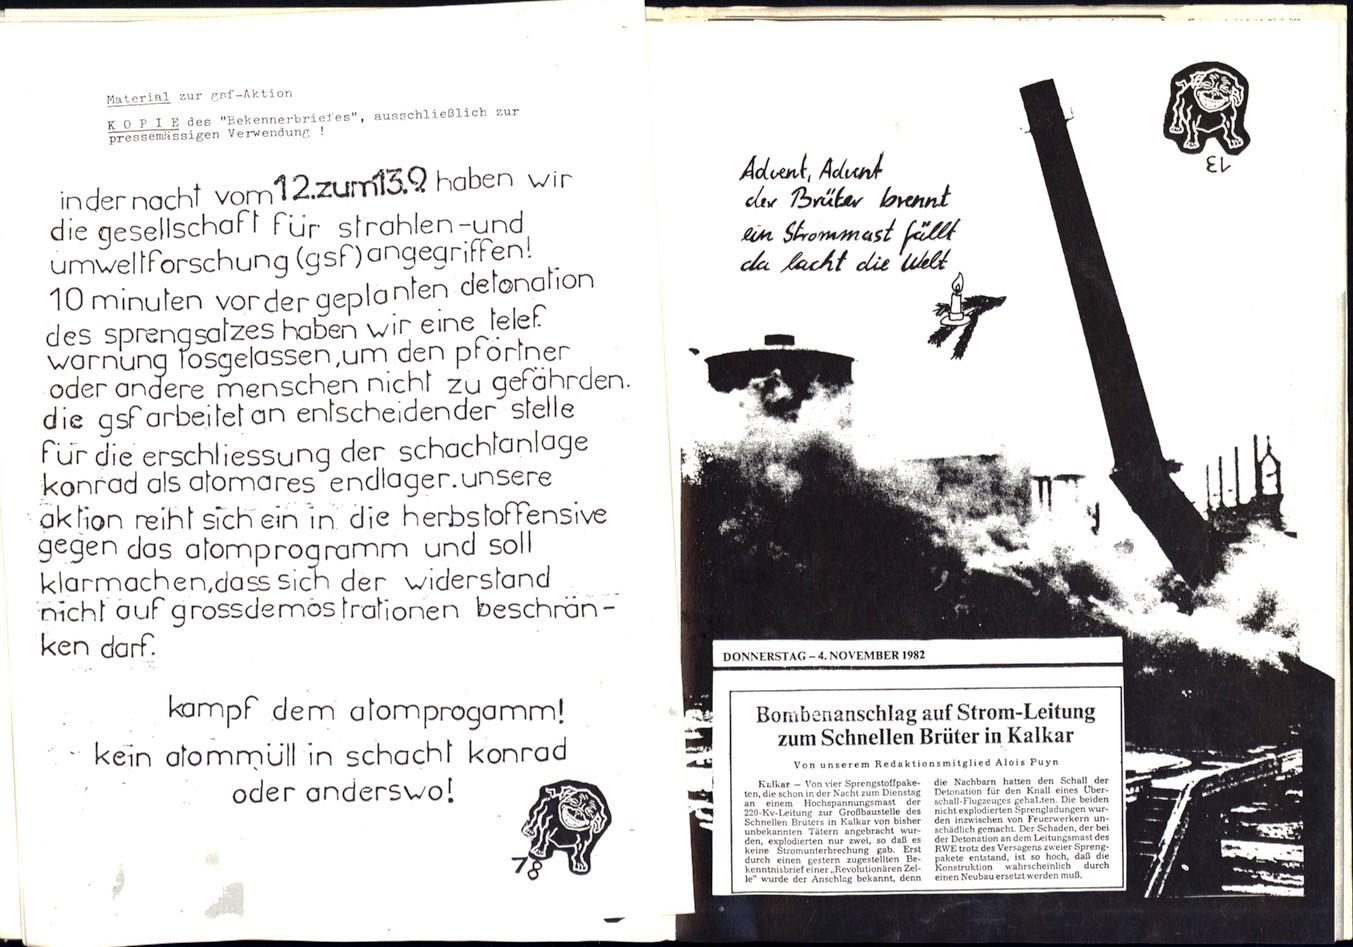 NRW_AKW_LKNRW_19821113_40_10